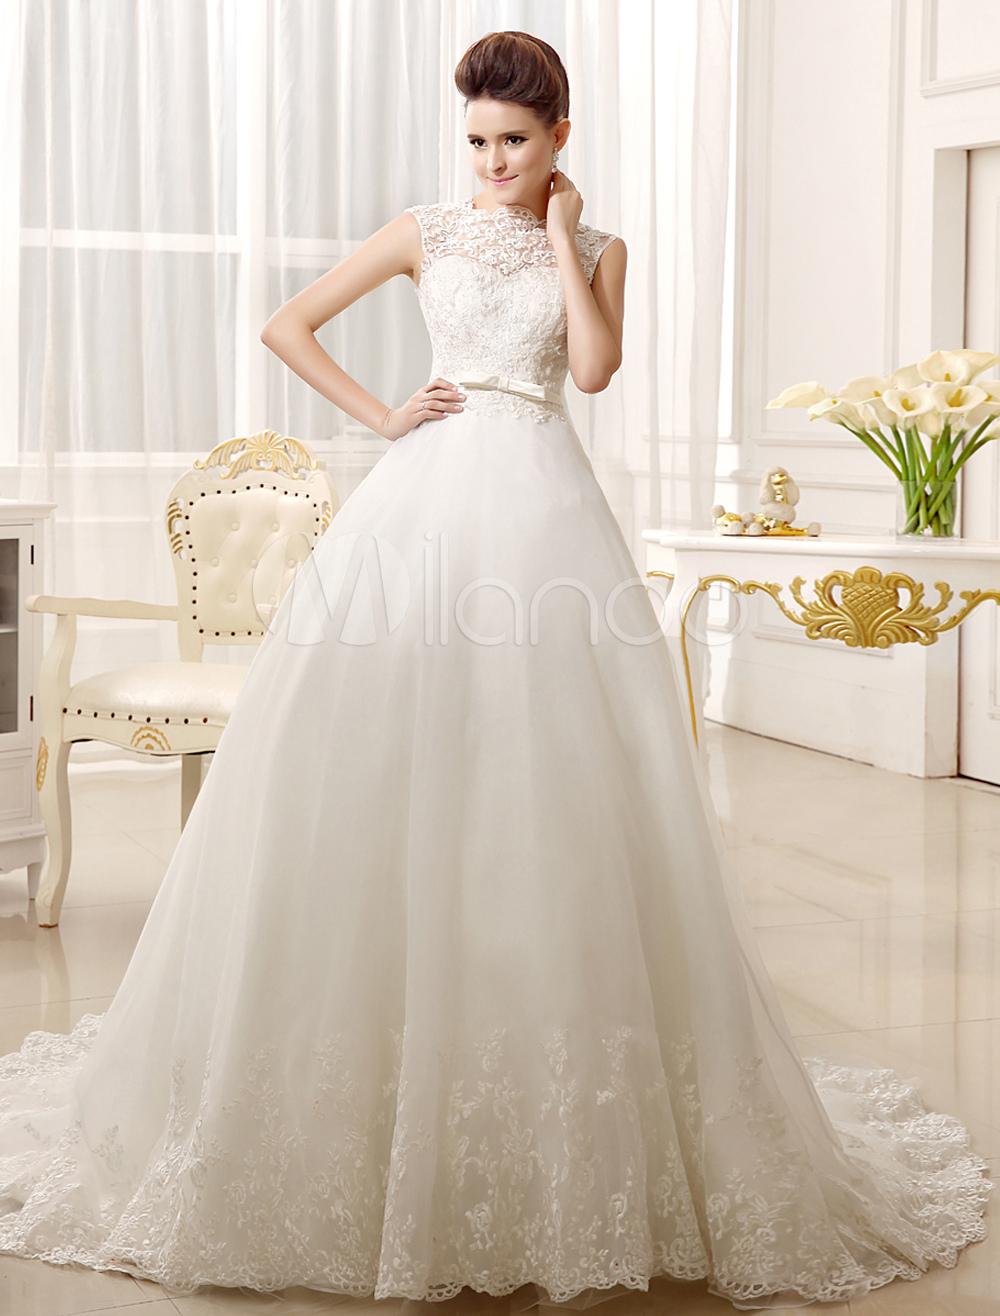 Robe de mari e2015 robe de mari e pas cher robe pour for Robes de mariage discount orlando fl